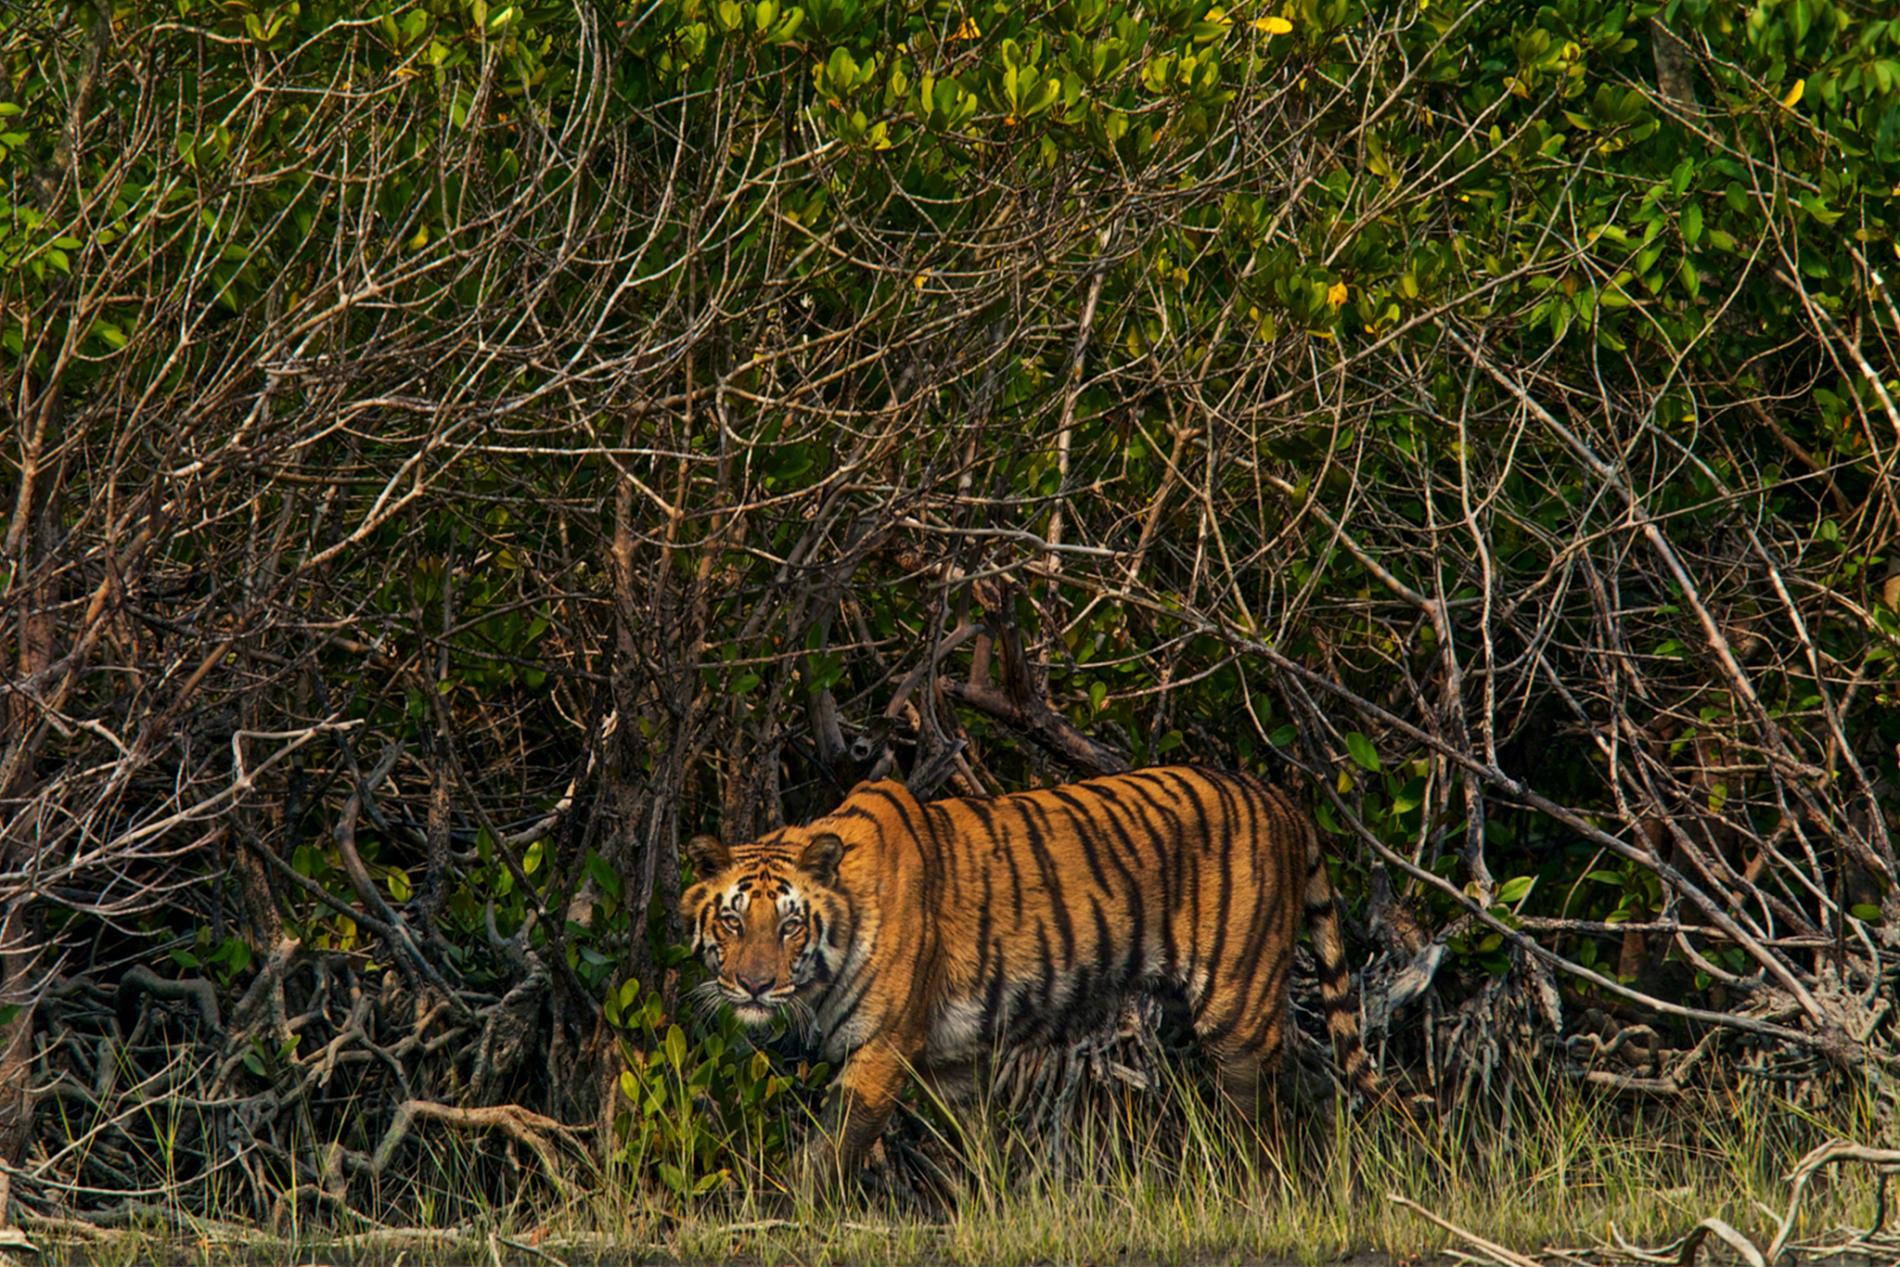 ซุนดาบันส์, บังกลาเทศ, อินเดีย, ป่าชายเลน, เสือเบงกอล